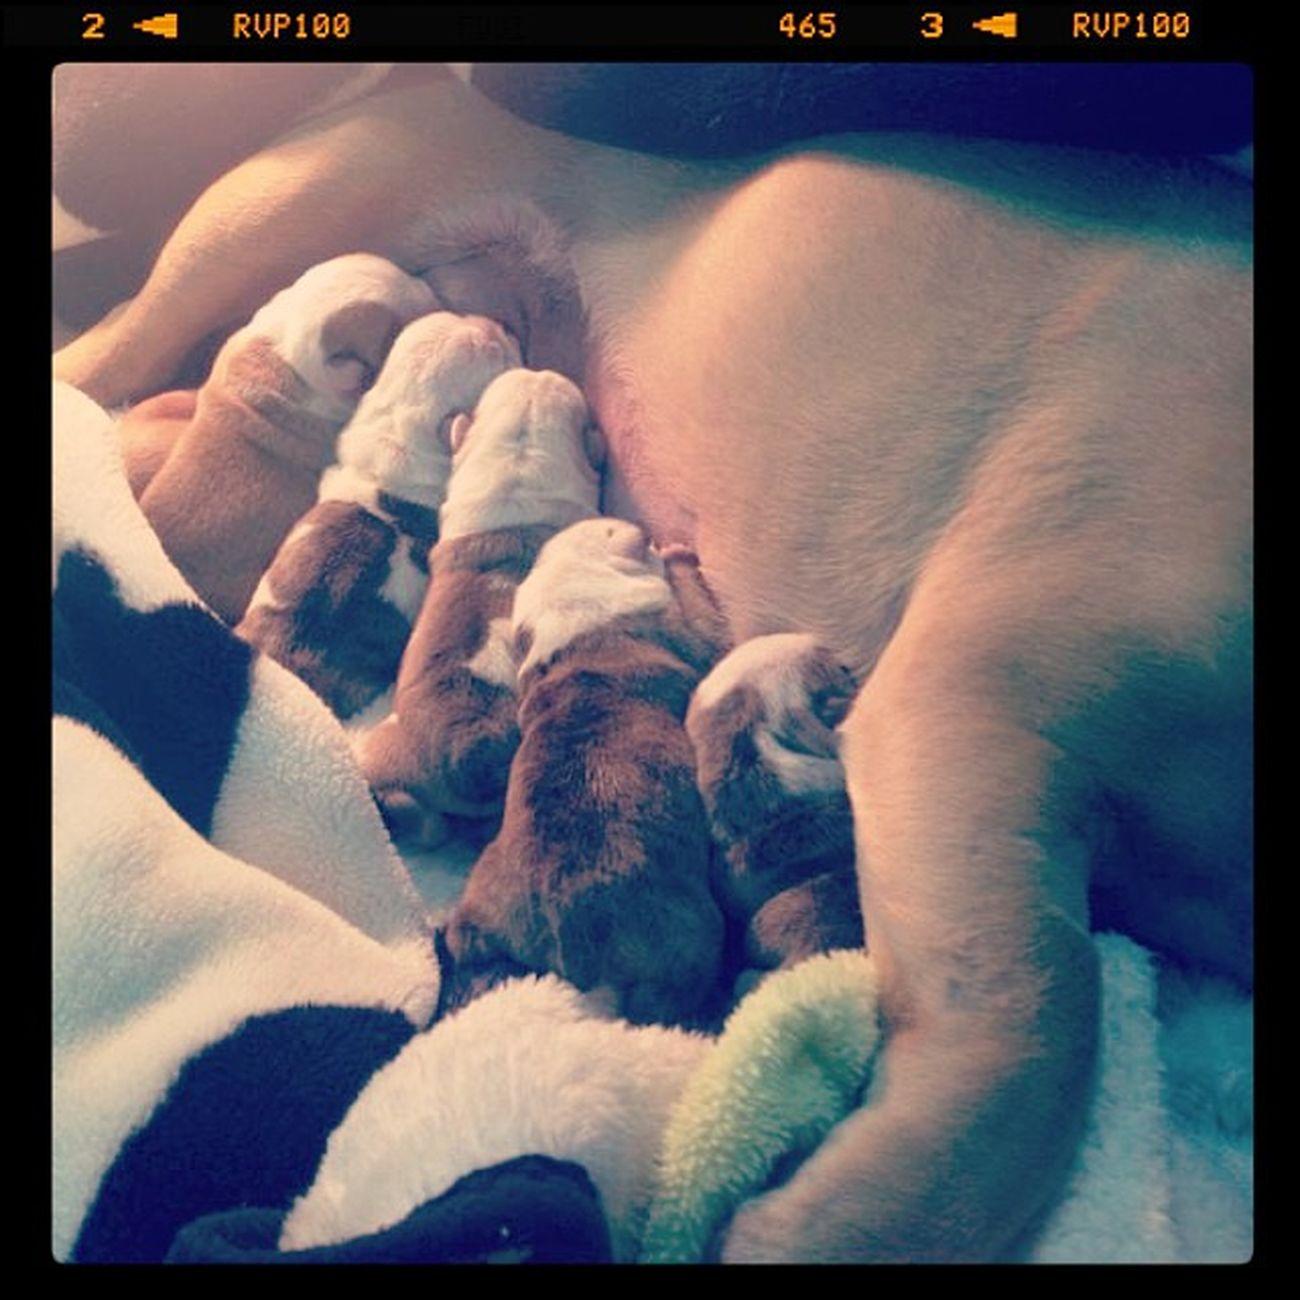 Ellos son lo más tierno que hay para mi en este momento los que siempre estarán ahí :3 son unos angelitos ImSoHappy Mytruelove Bulldog Pregnant Babydog BabyBulldog